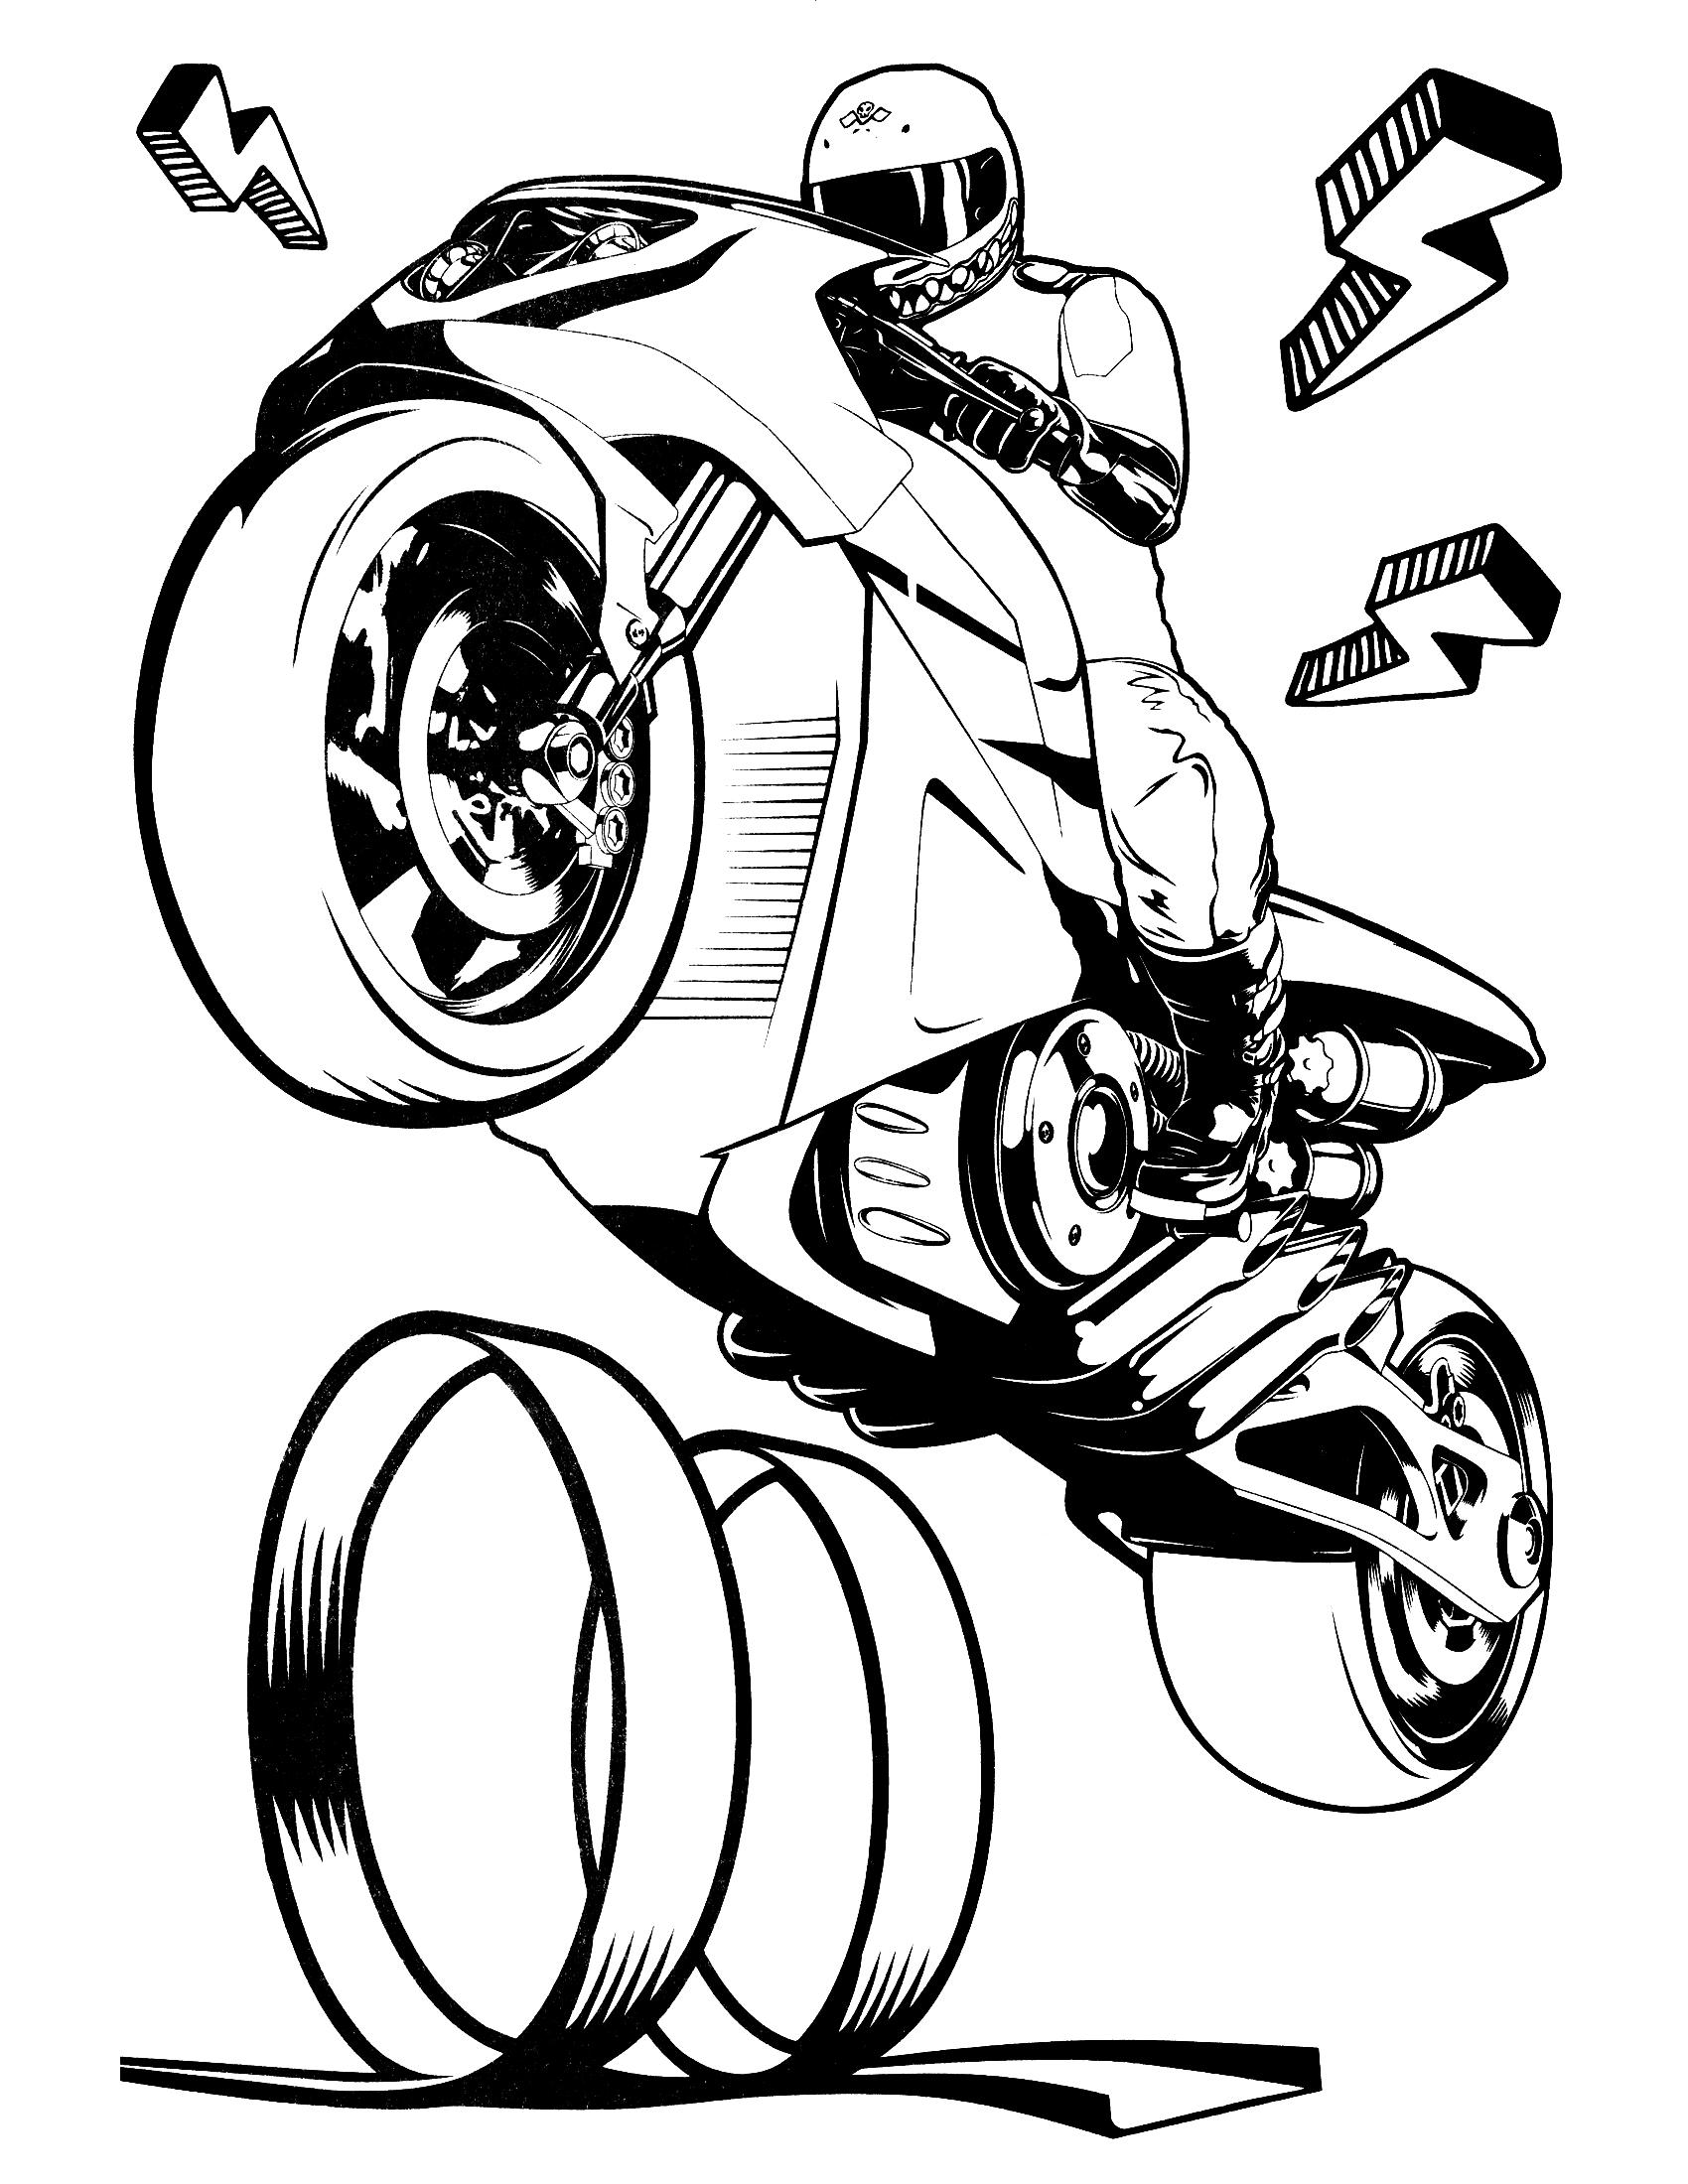 hot wheels coloring sheets hot wheels racing league hot wheels coloring pages set 5 hot coloring wheels sheets